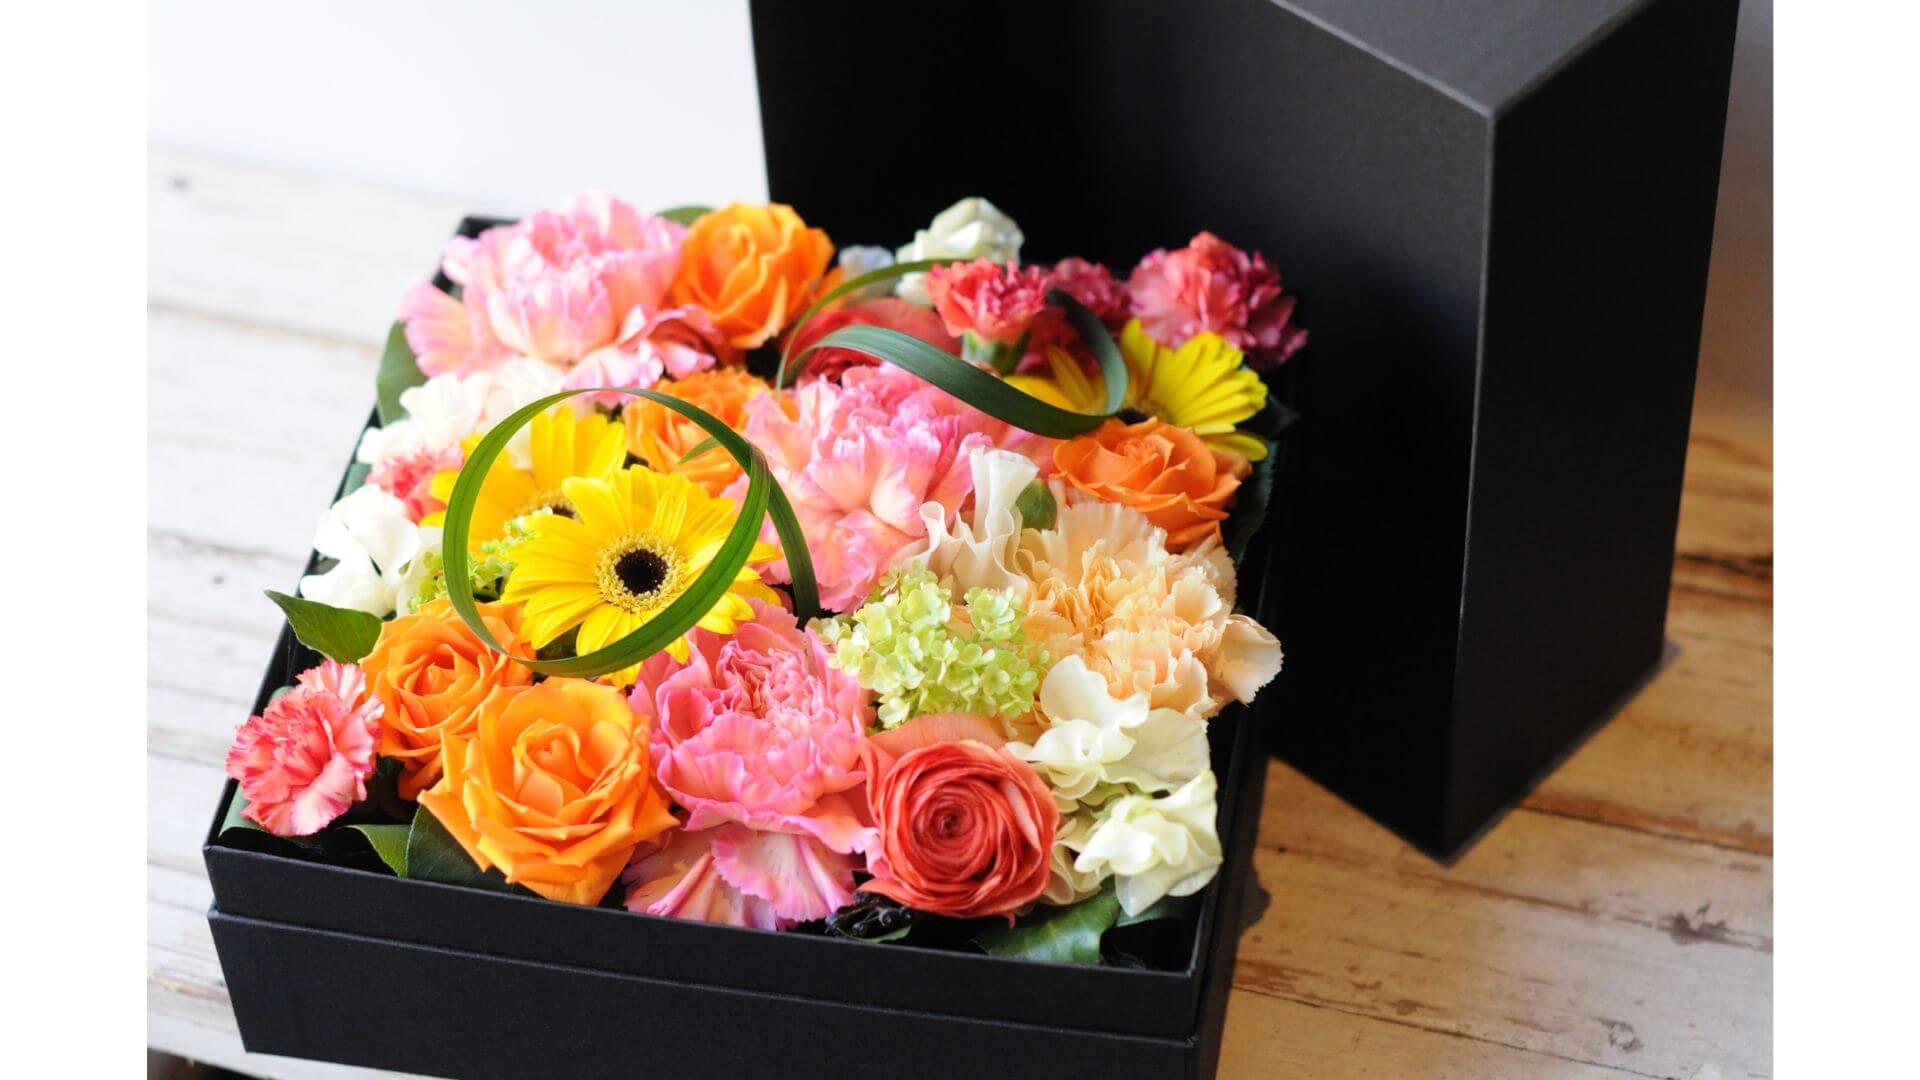 BOXフラワースクエアー・オレンジイエローB